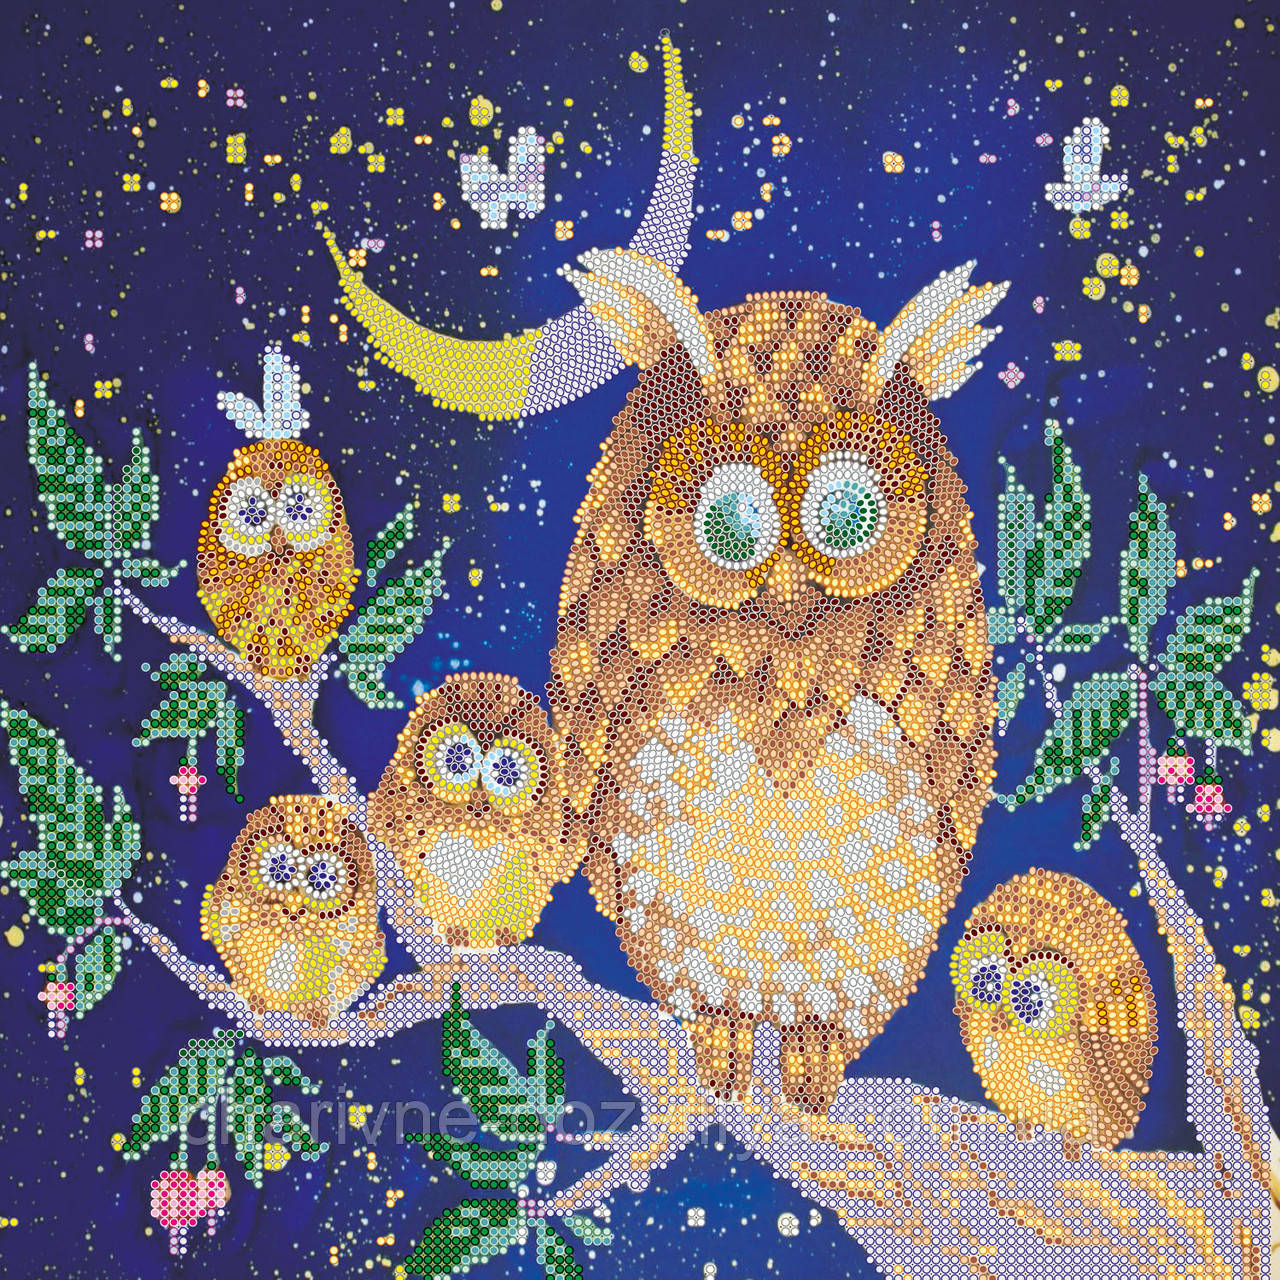 """Схема для вышивки бисером на художественном холсте """"Ночные птицы"""" - интернет-магазин Чарівниця в Херсоне"""